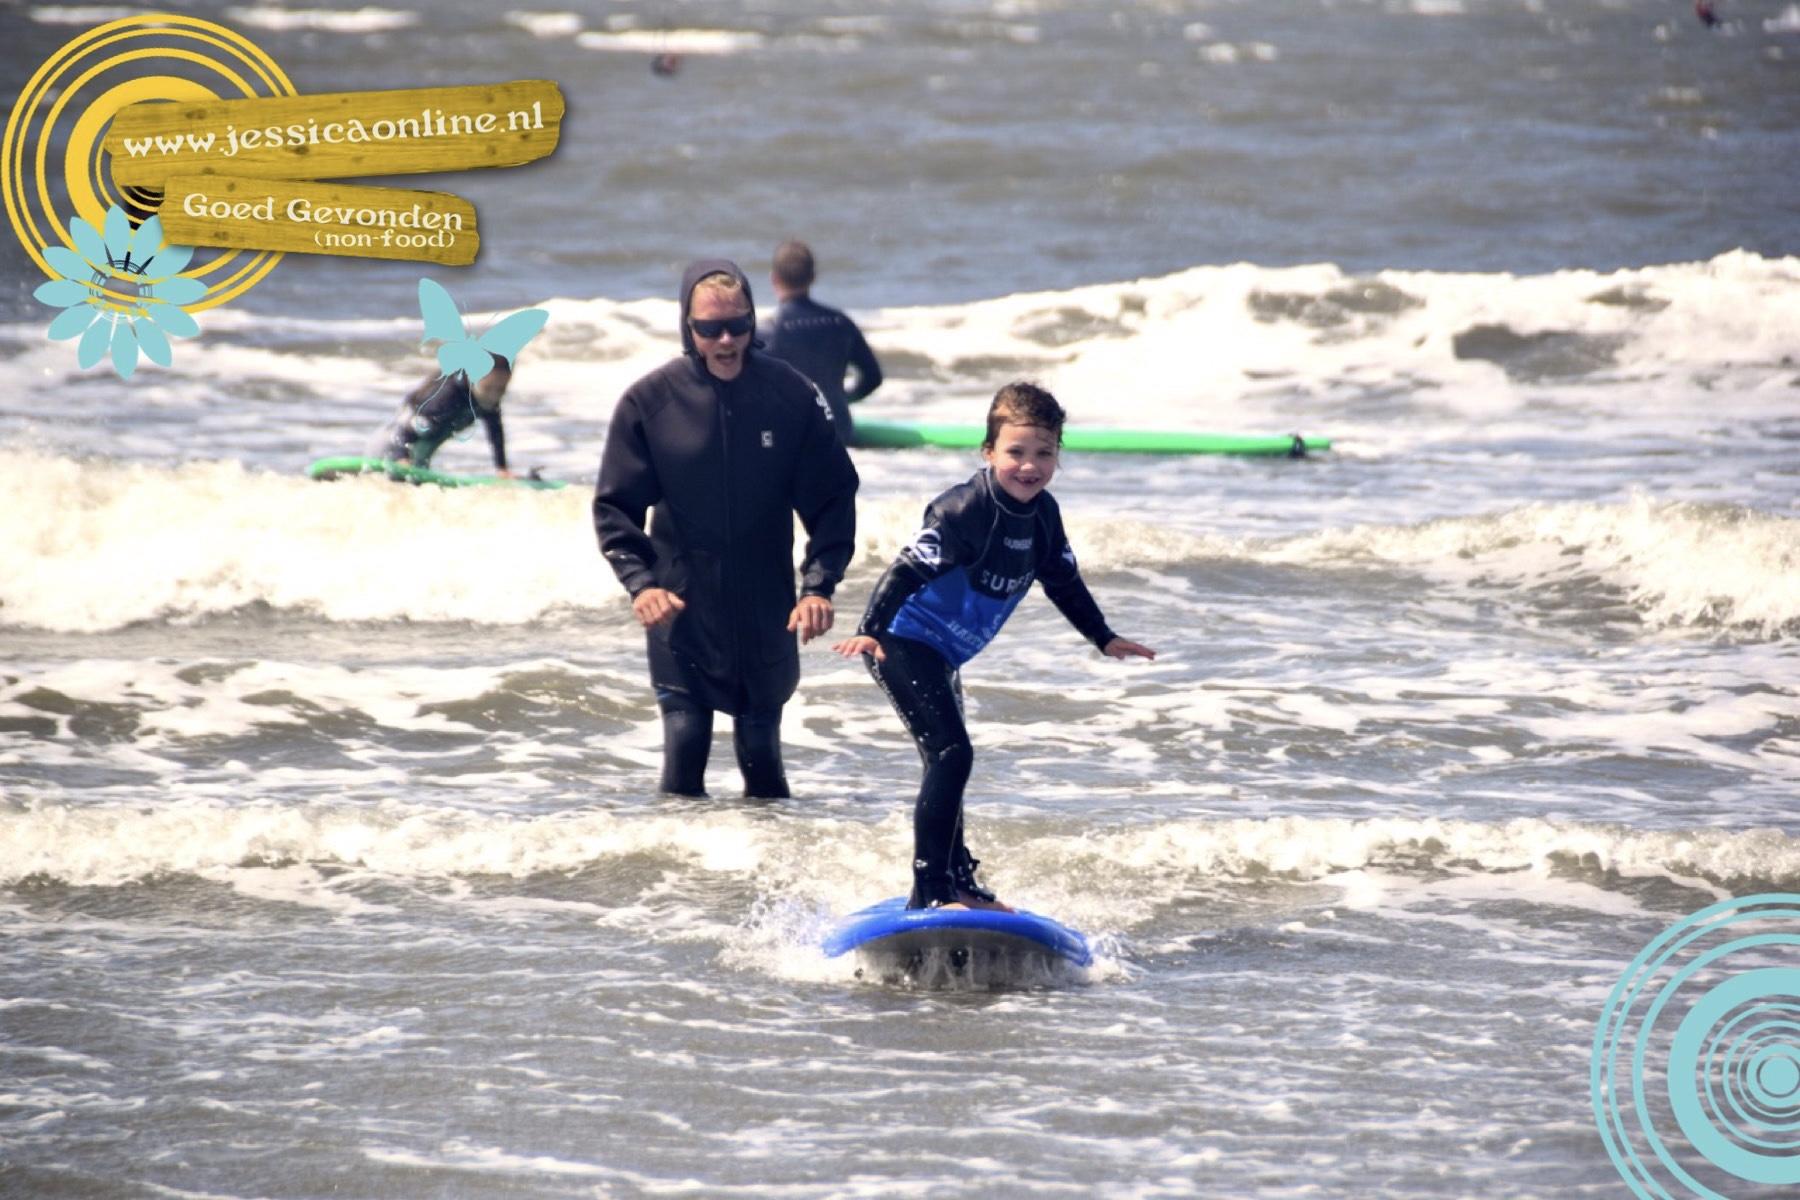 Ode aan het surfen en een fijne badcape